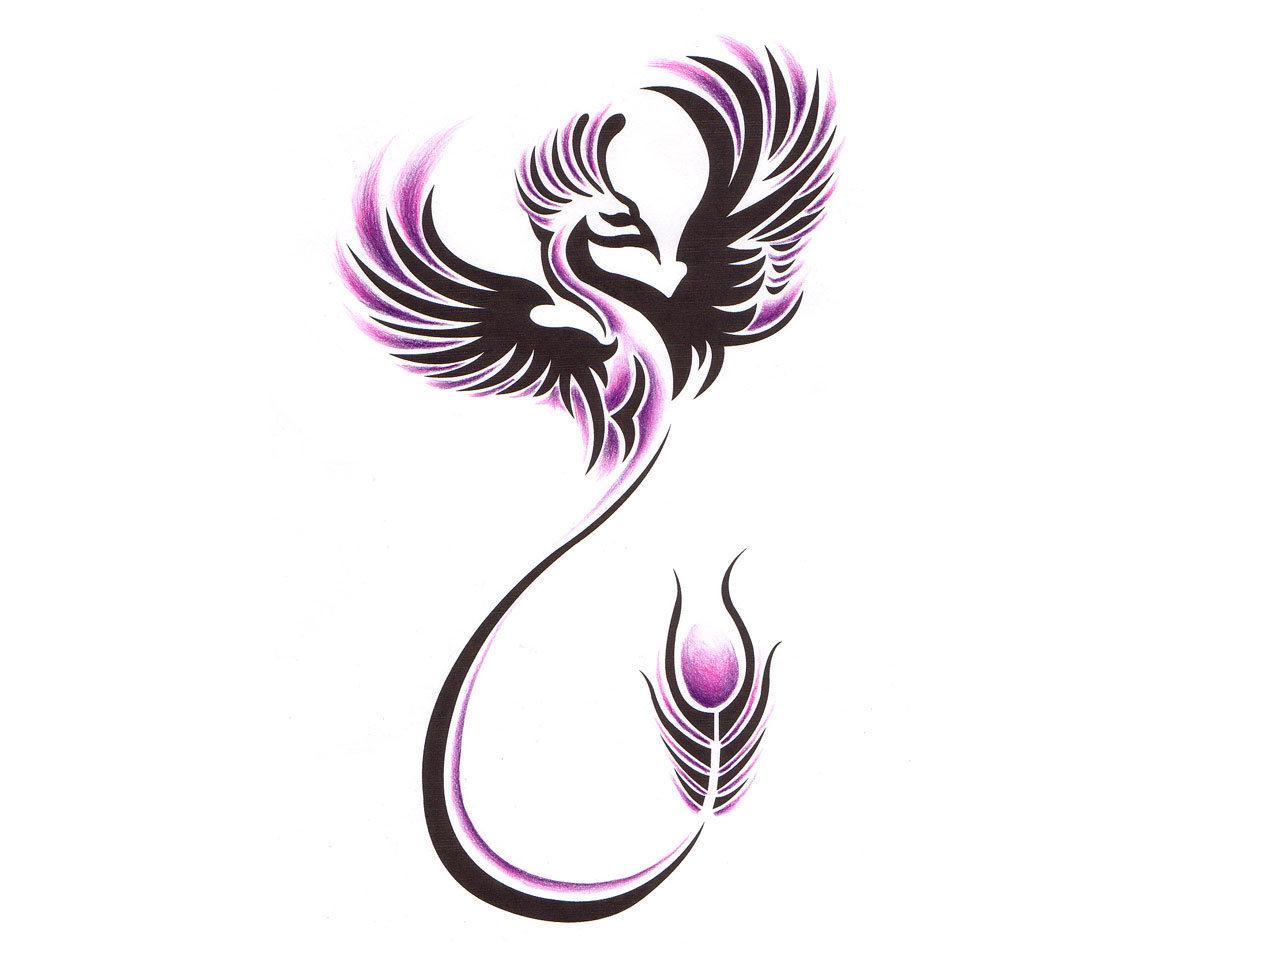 Tribal-Tattoos Black-And-Purple-Tribal-Phoenix-Tattoo-Design